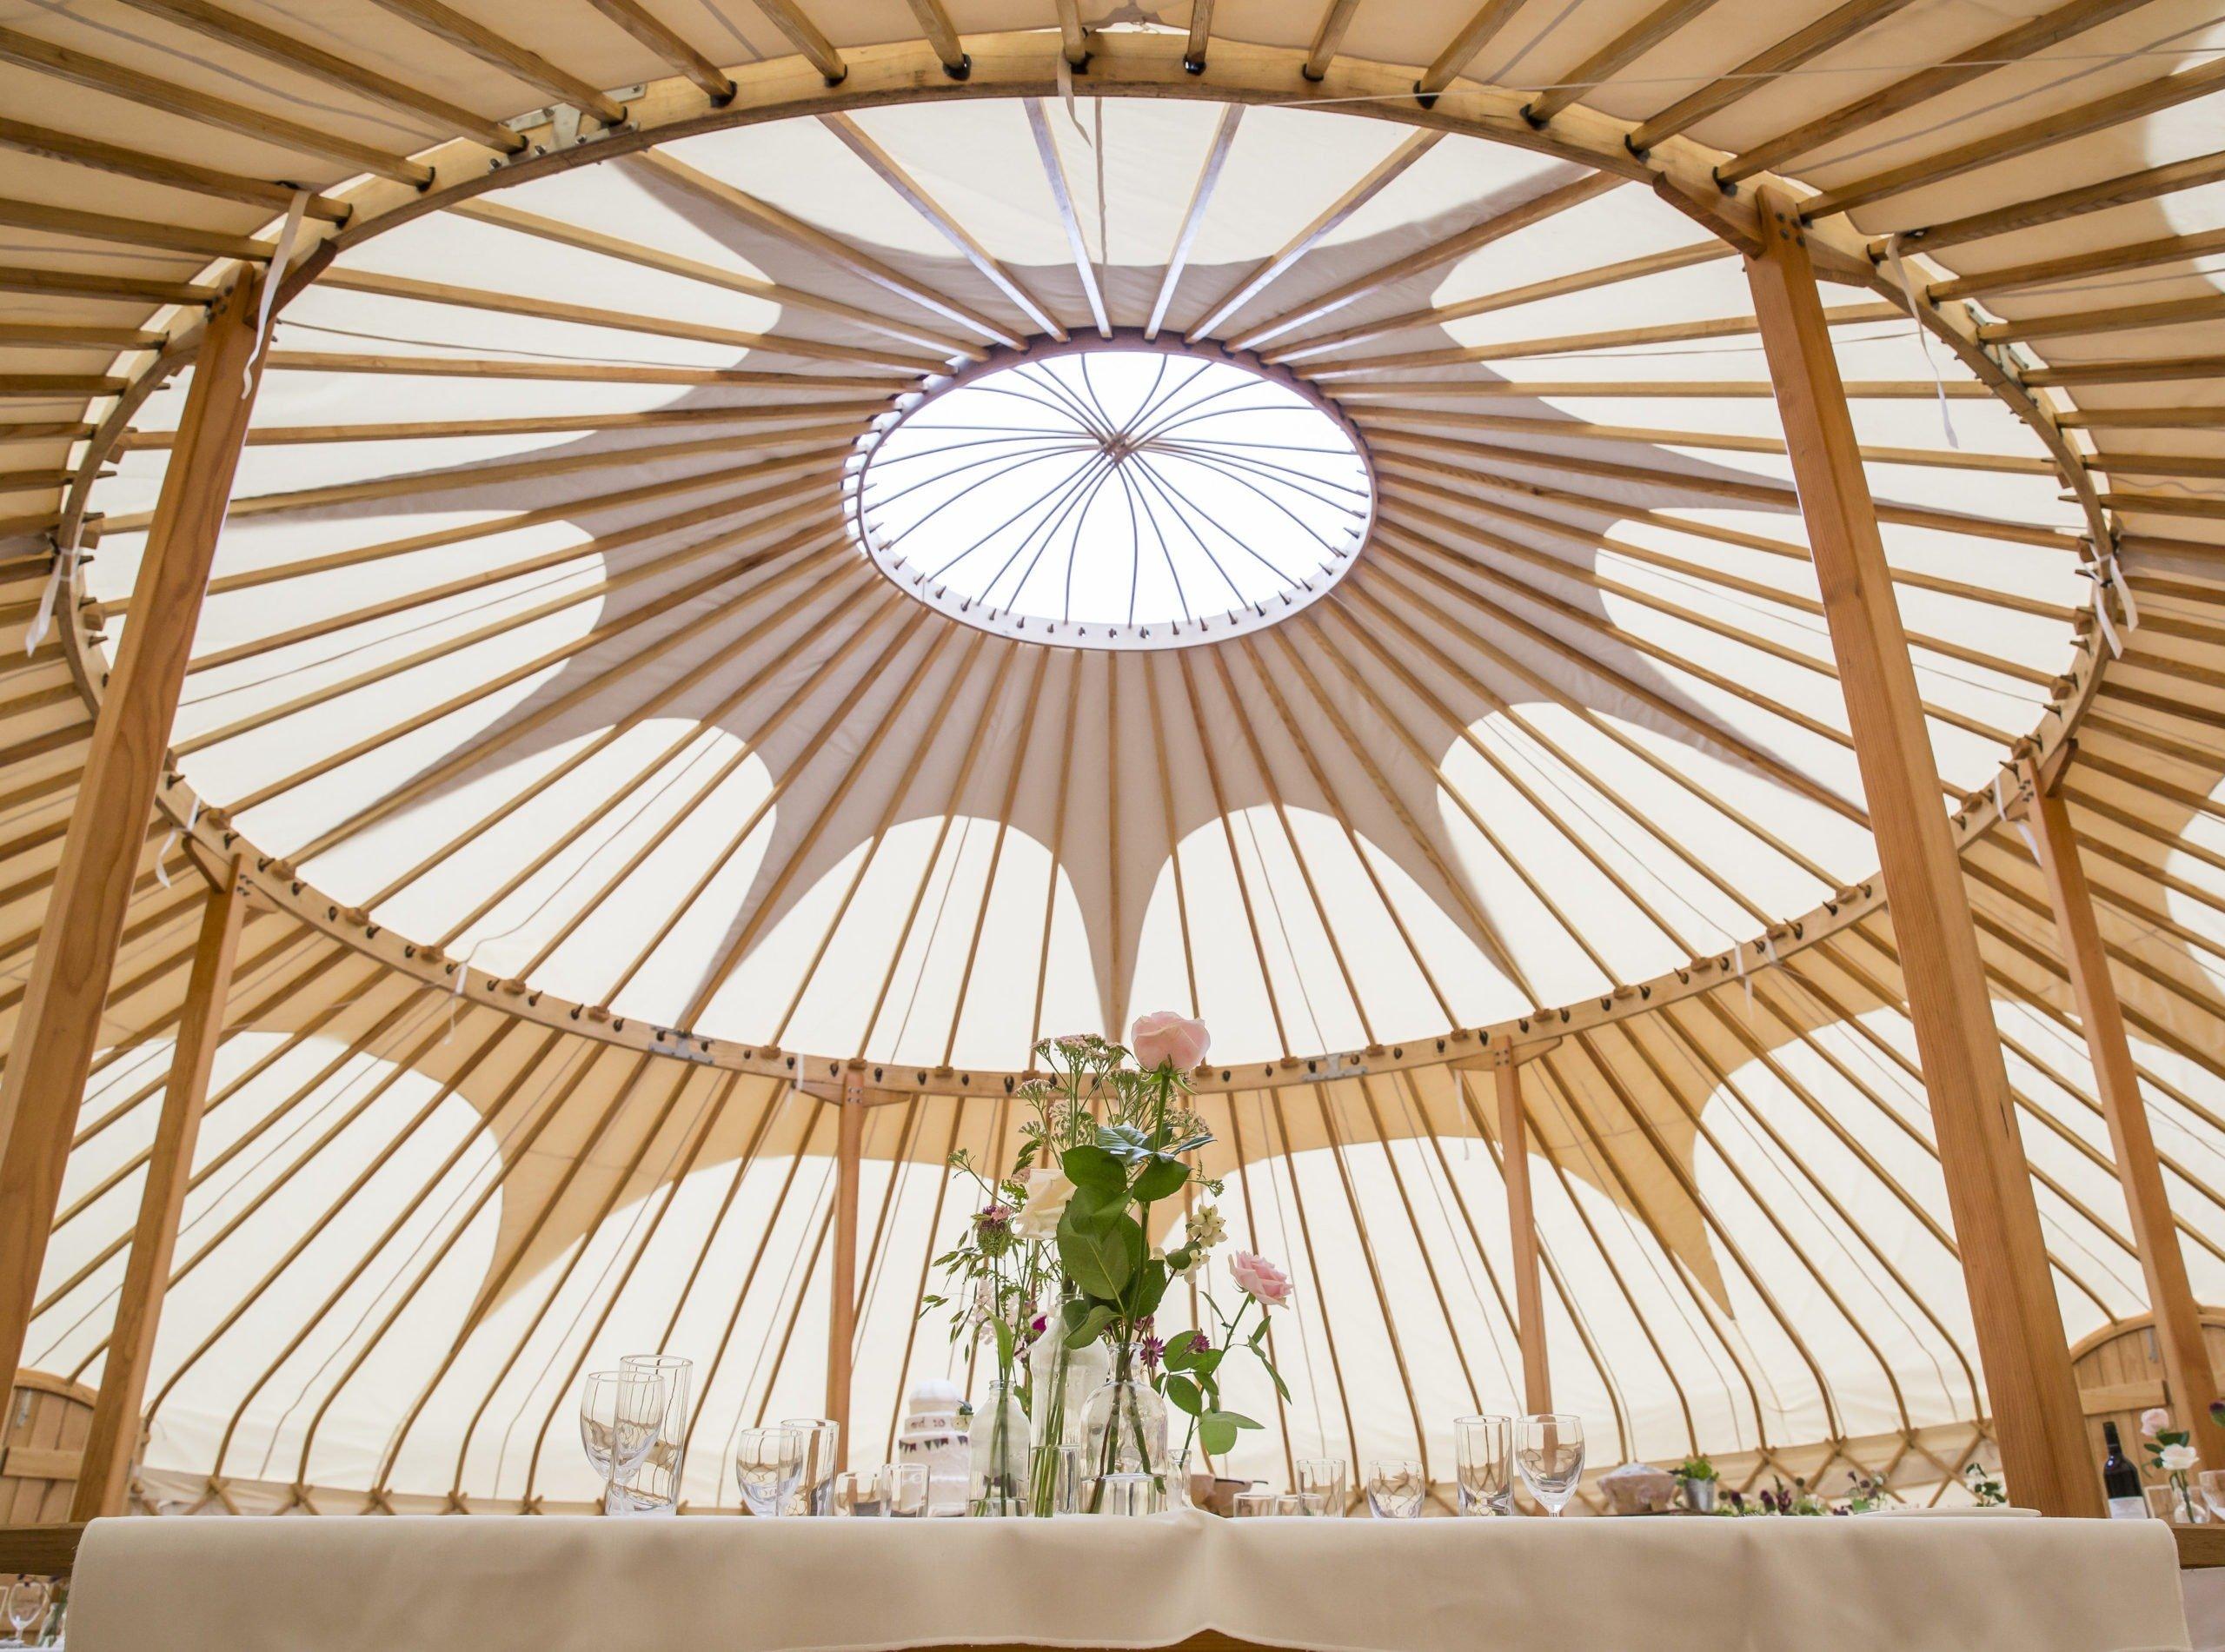 40 ft wedding yurt